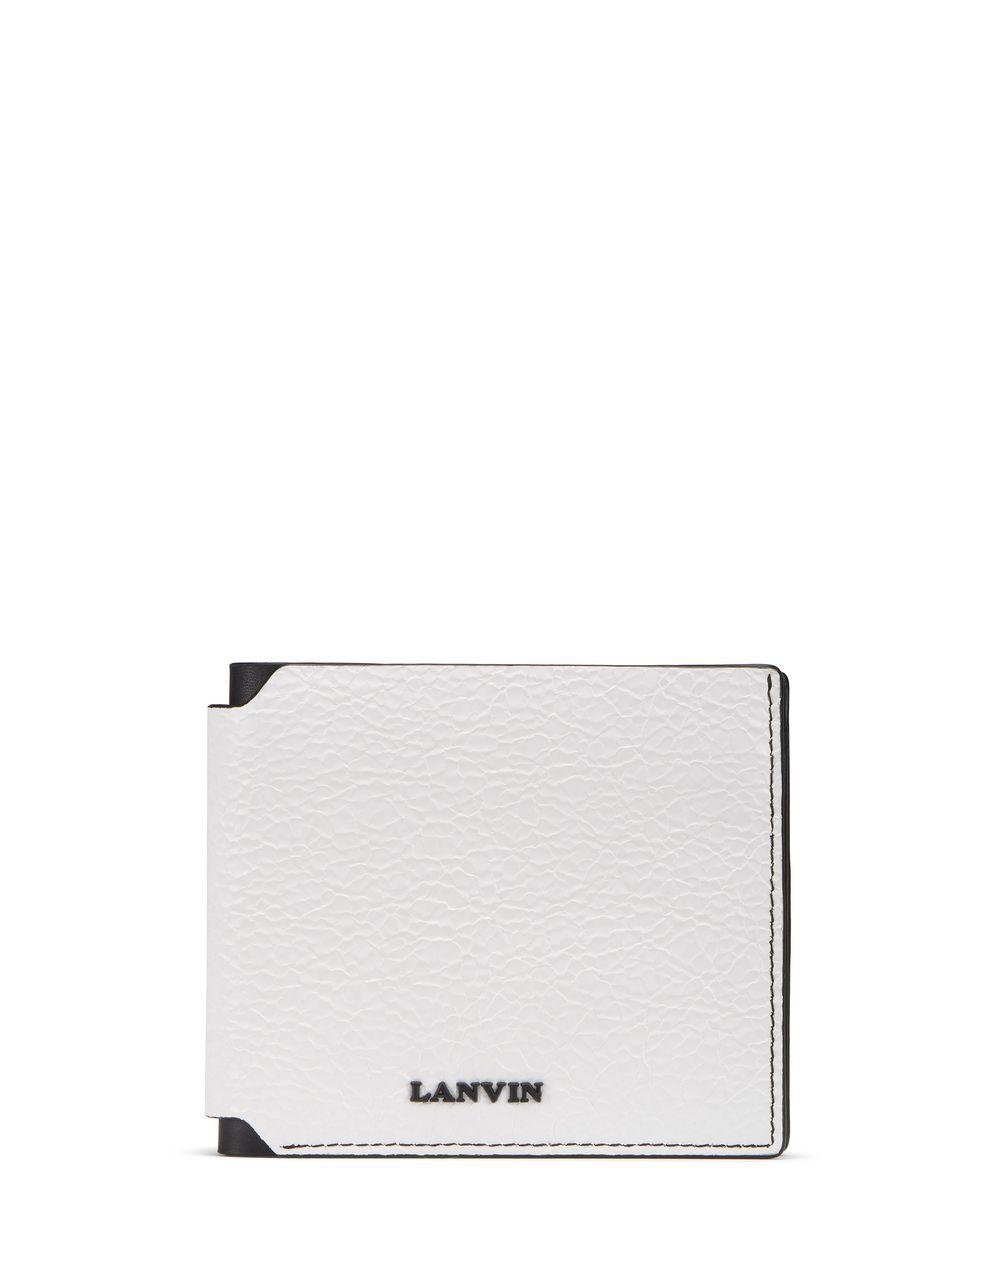 Portefeuille plat en cuir Lanvin Prix €275